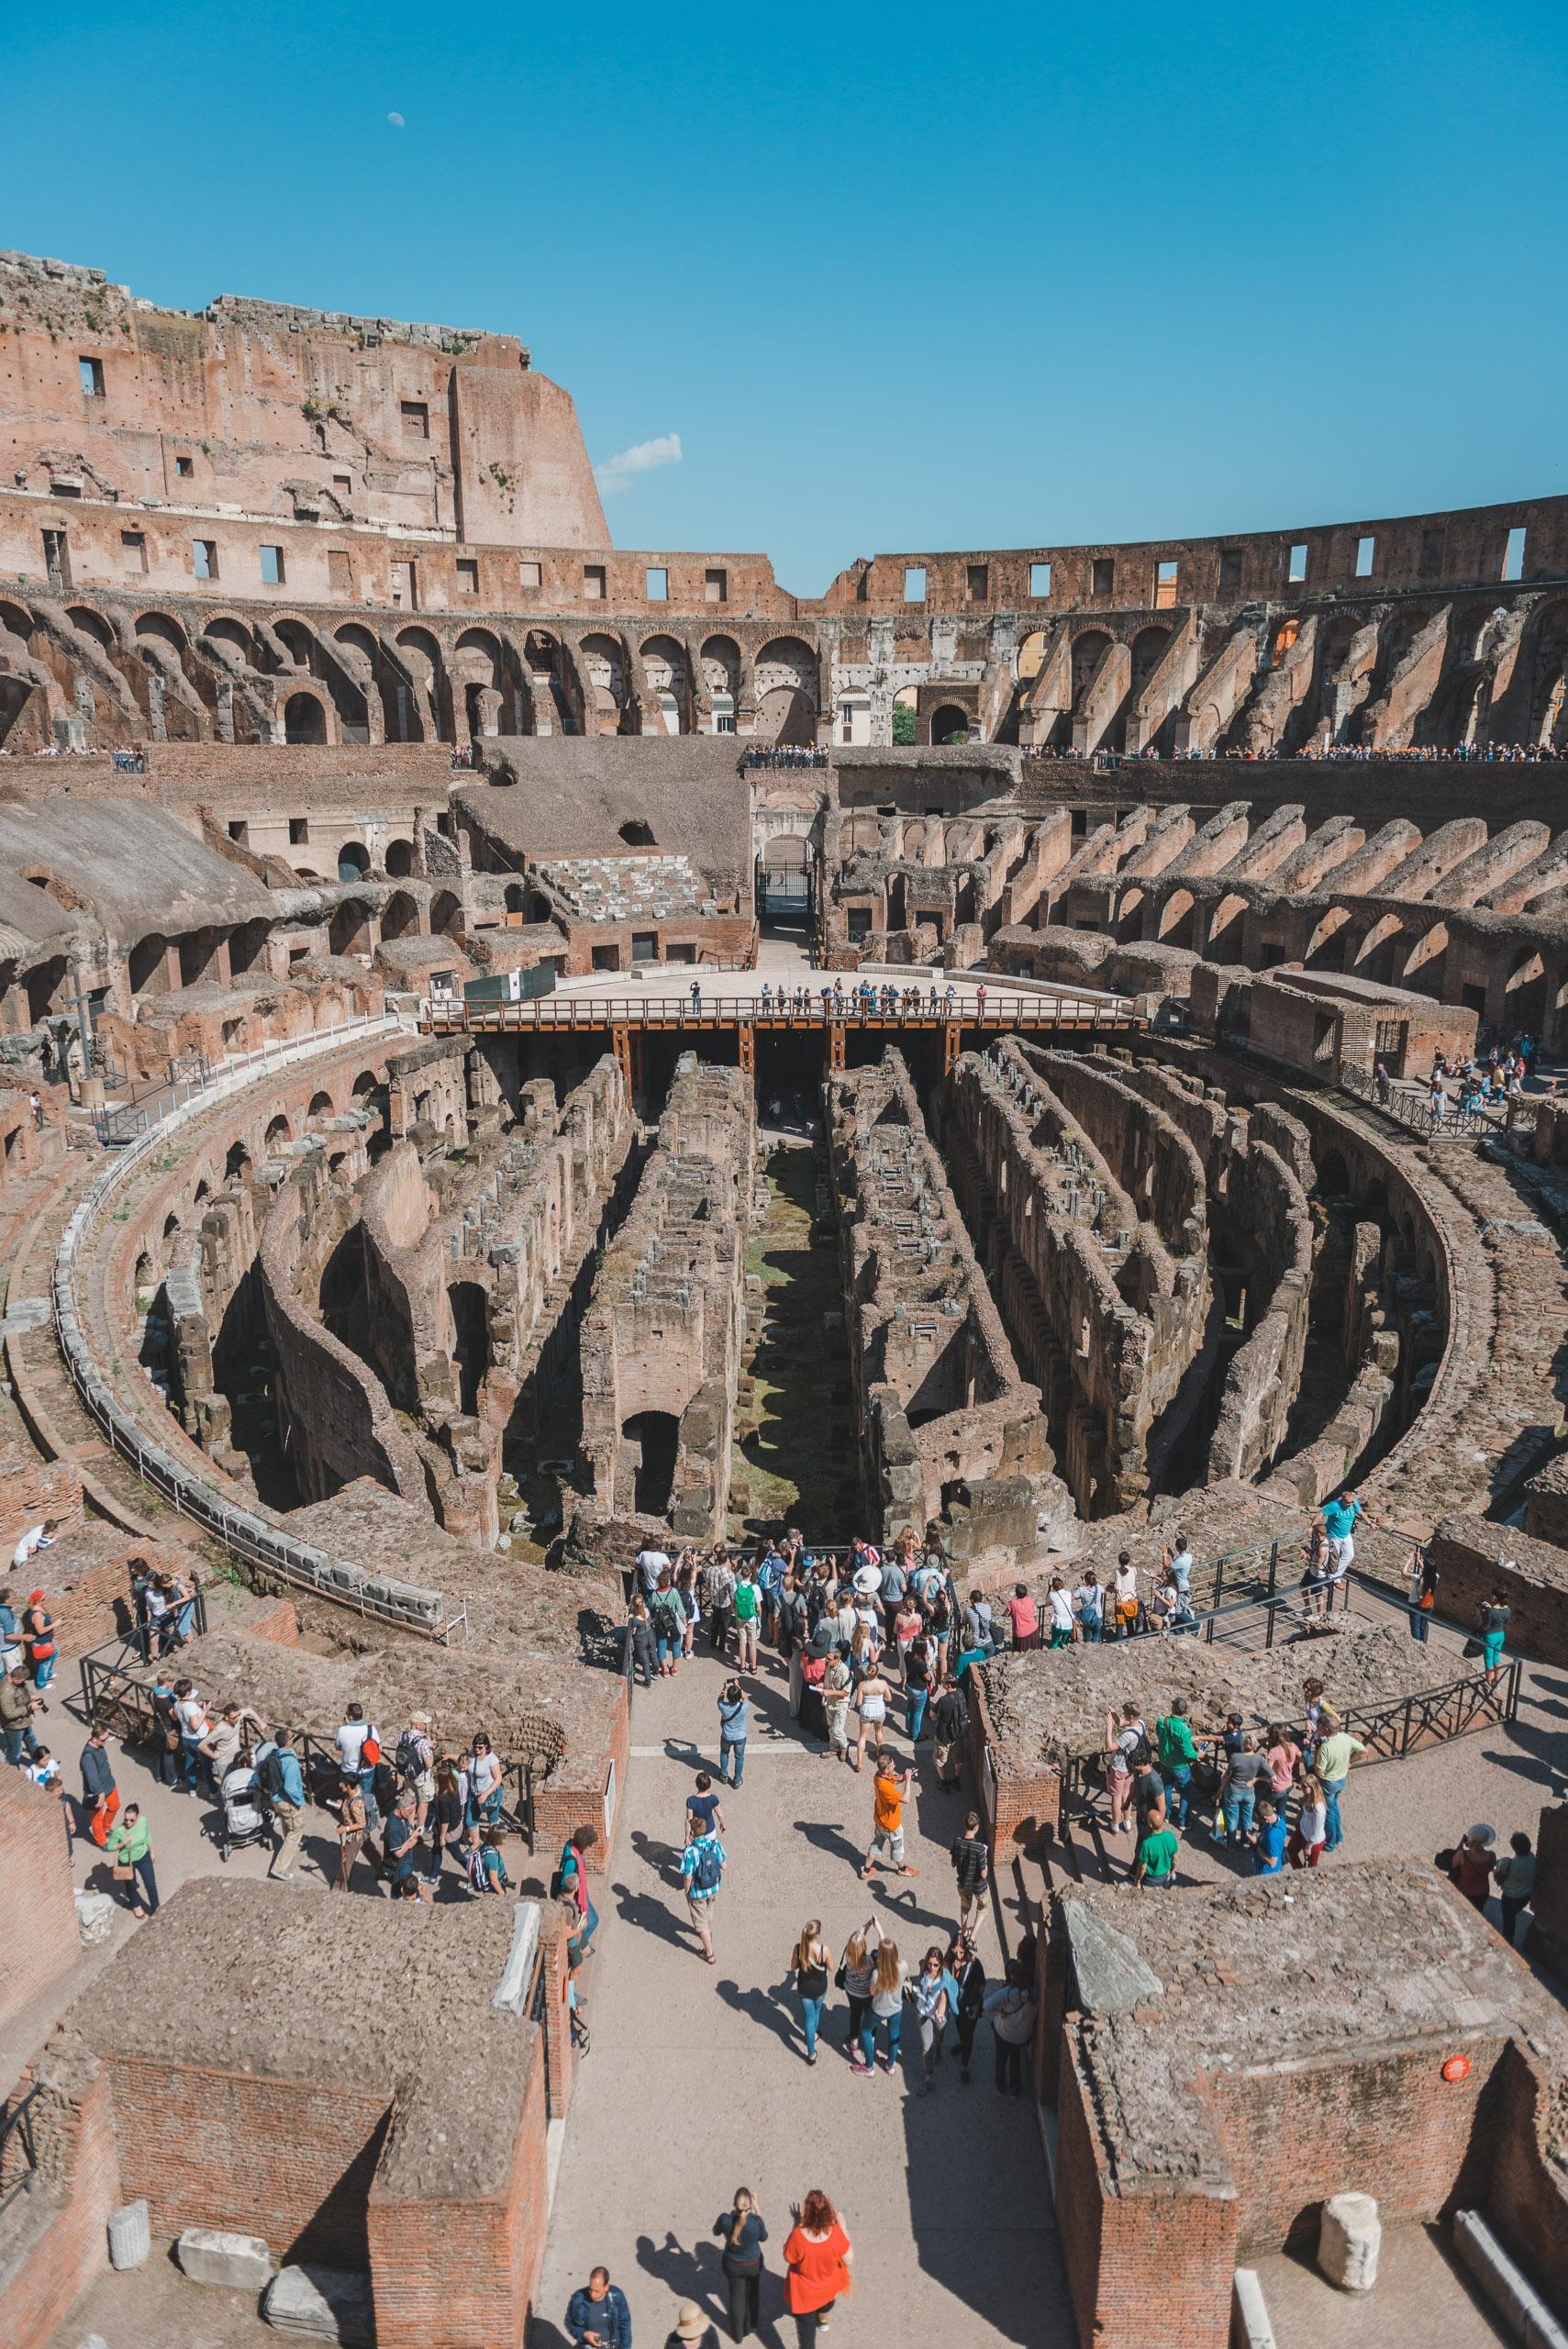 Inside the Colosseum 2